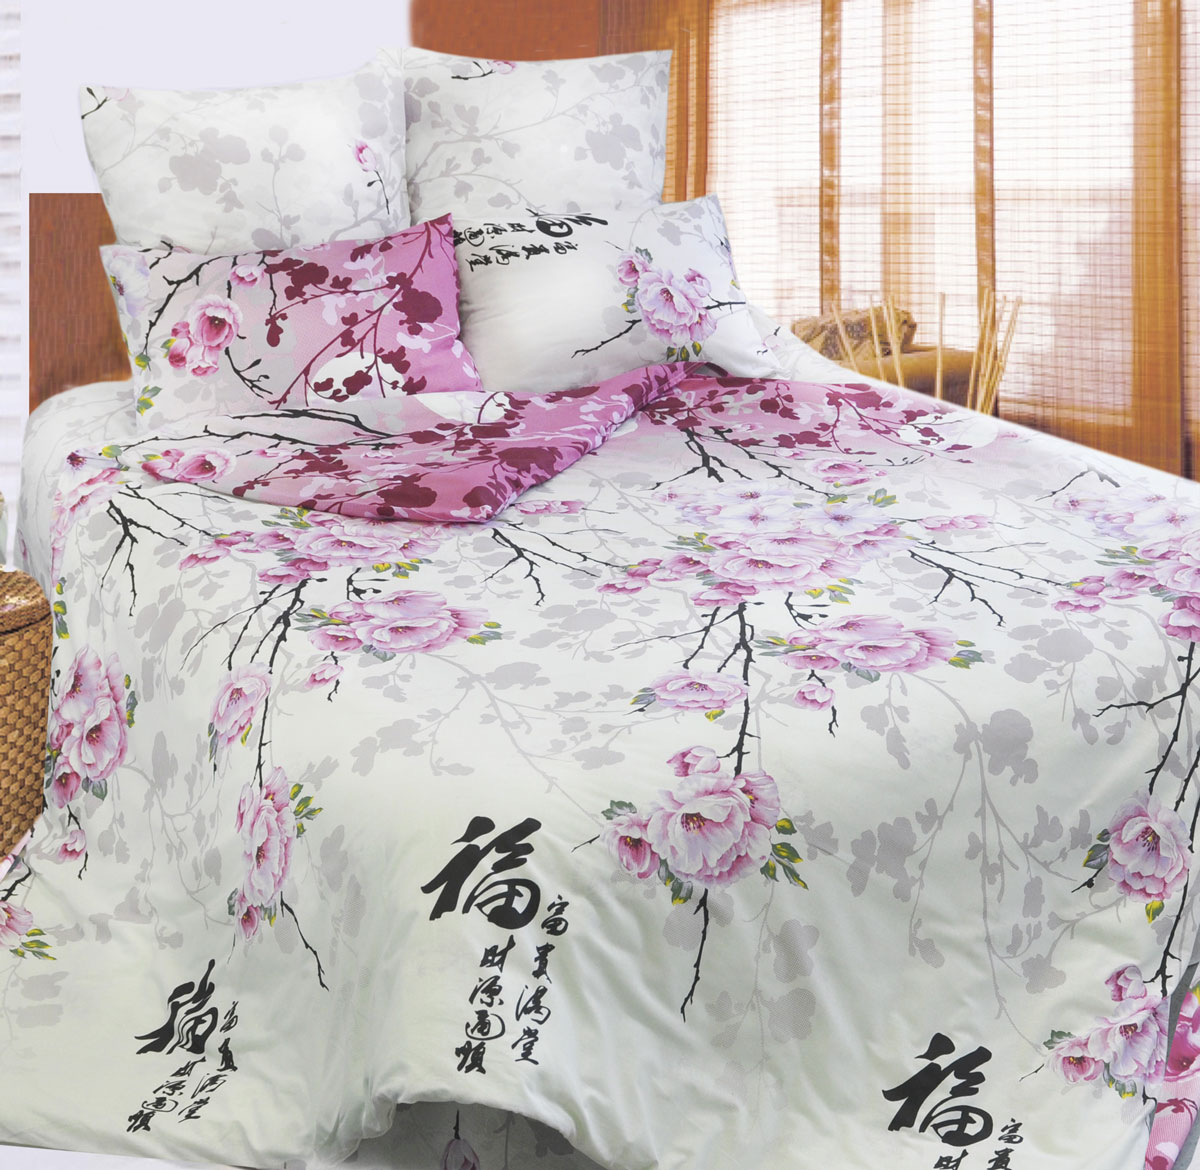 Комплект белья Sova & Javoronok Японский мотив, евро, наволочки 50х70, цвет: белый, розовый, желтыйТ-0752-01 И_1,5Комплект постельного белья Sova & Javoronok Японский мотив является экологически безопасным для всей семьи, так как выполнен из бязи (100% натурального хлопка). Комплект состоит из пододеяльника, простыни и двух наволочек. Предметы комплекта оформлены изображением цветущей сакуры и иероглифами.Бязь - хлопчатобумажная ткань полотняного переплетения без искусственных добавок. Большое количество нитей делает эту ткань более плотной, более долговечной. Высокая плотность ткани позволяет сохранить форму изделия, его первоначальные размеры и первозданный рисунок. Обладает низкой сминаемостью, легко стирается и хорошо гладится.